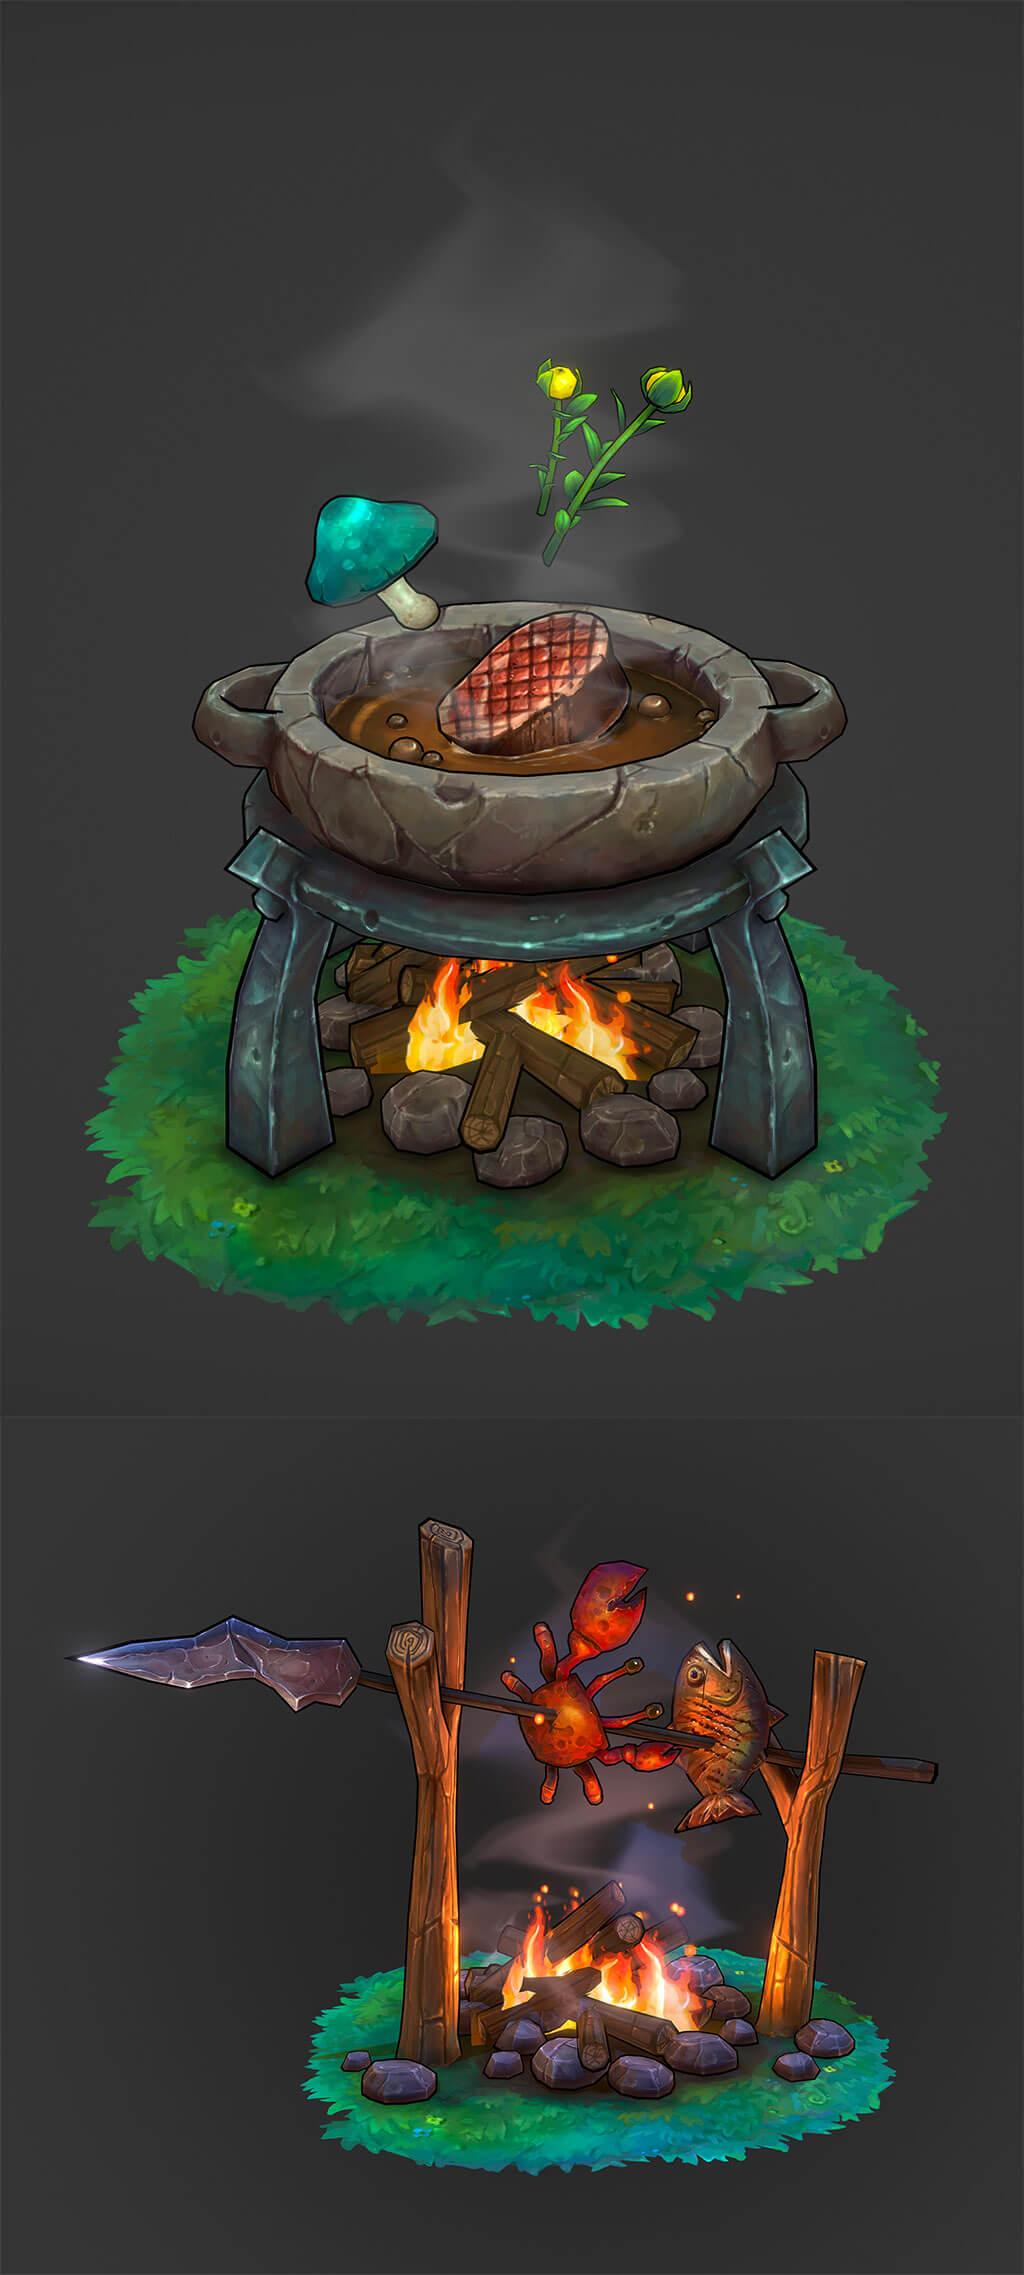 Zelda Fan Art by Jasmin Habezai-Fekri